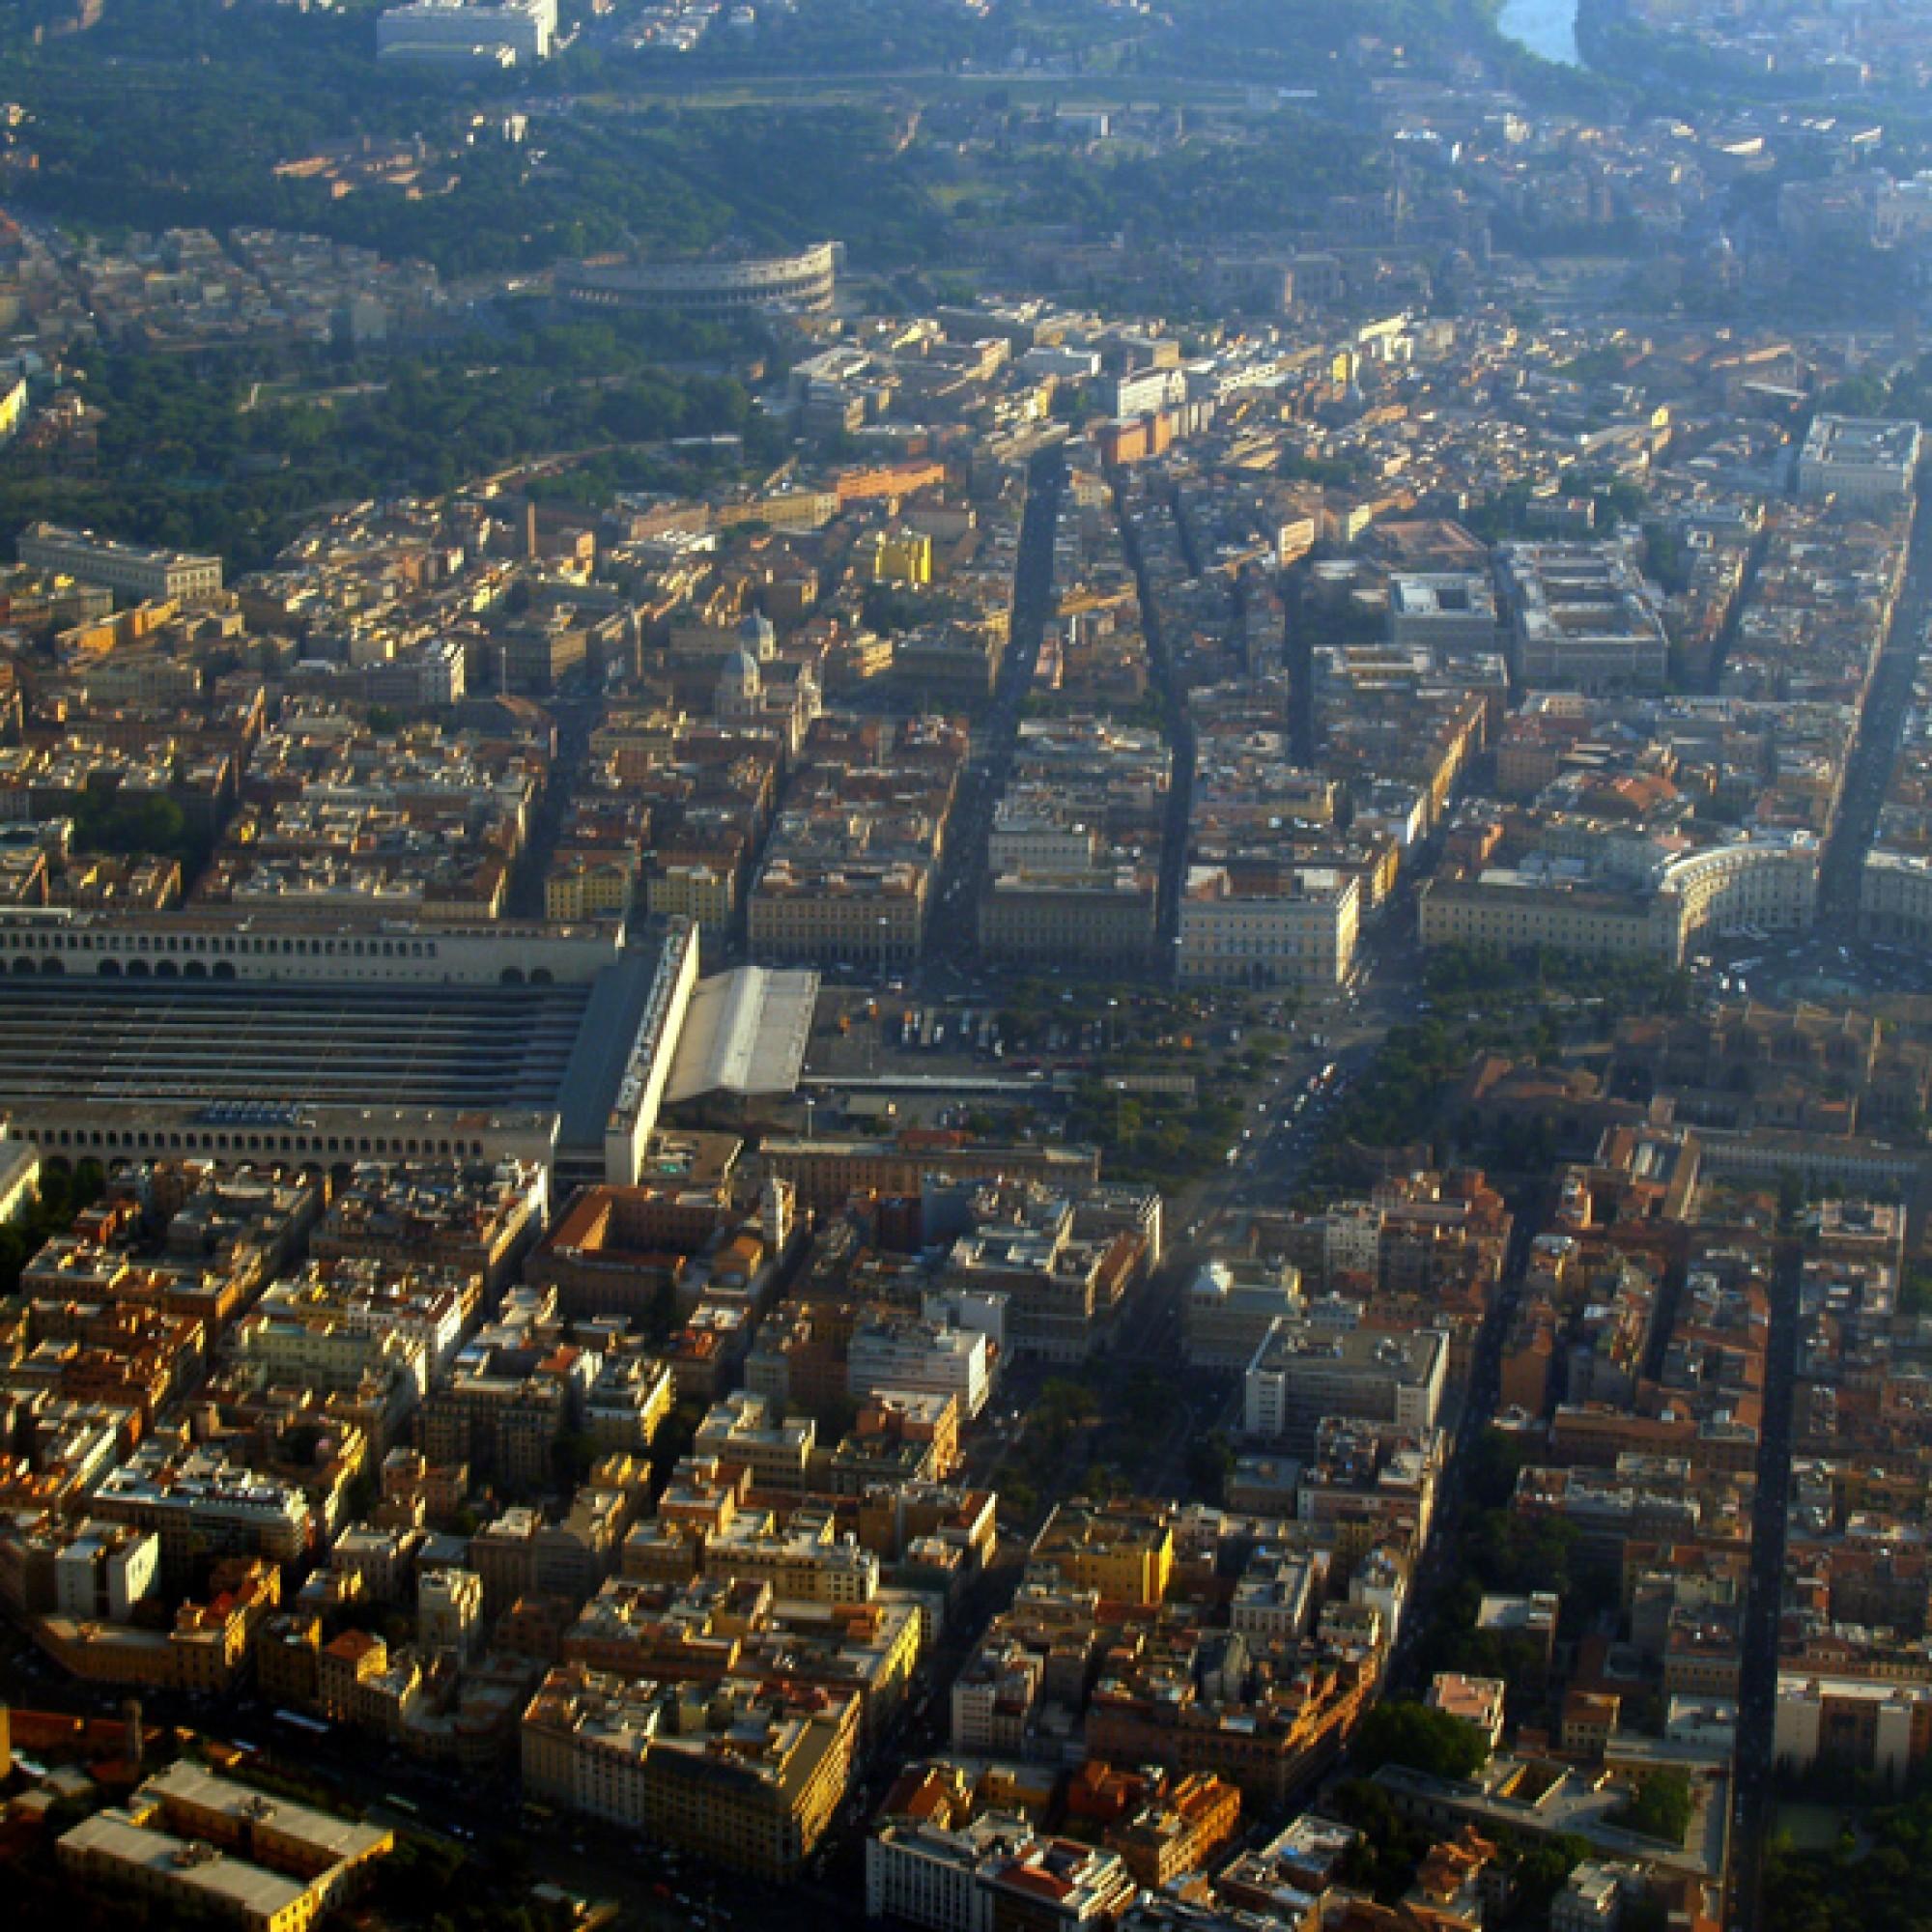 Mitten in der Altstadt von Rom, unweit der Ausgrabungsstätten, liegt der grösste Bahnhof Italiens, die Stazione Termini. ( seiler+seiler_Wikimedia Commons)